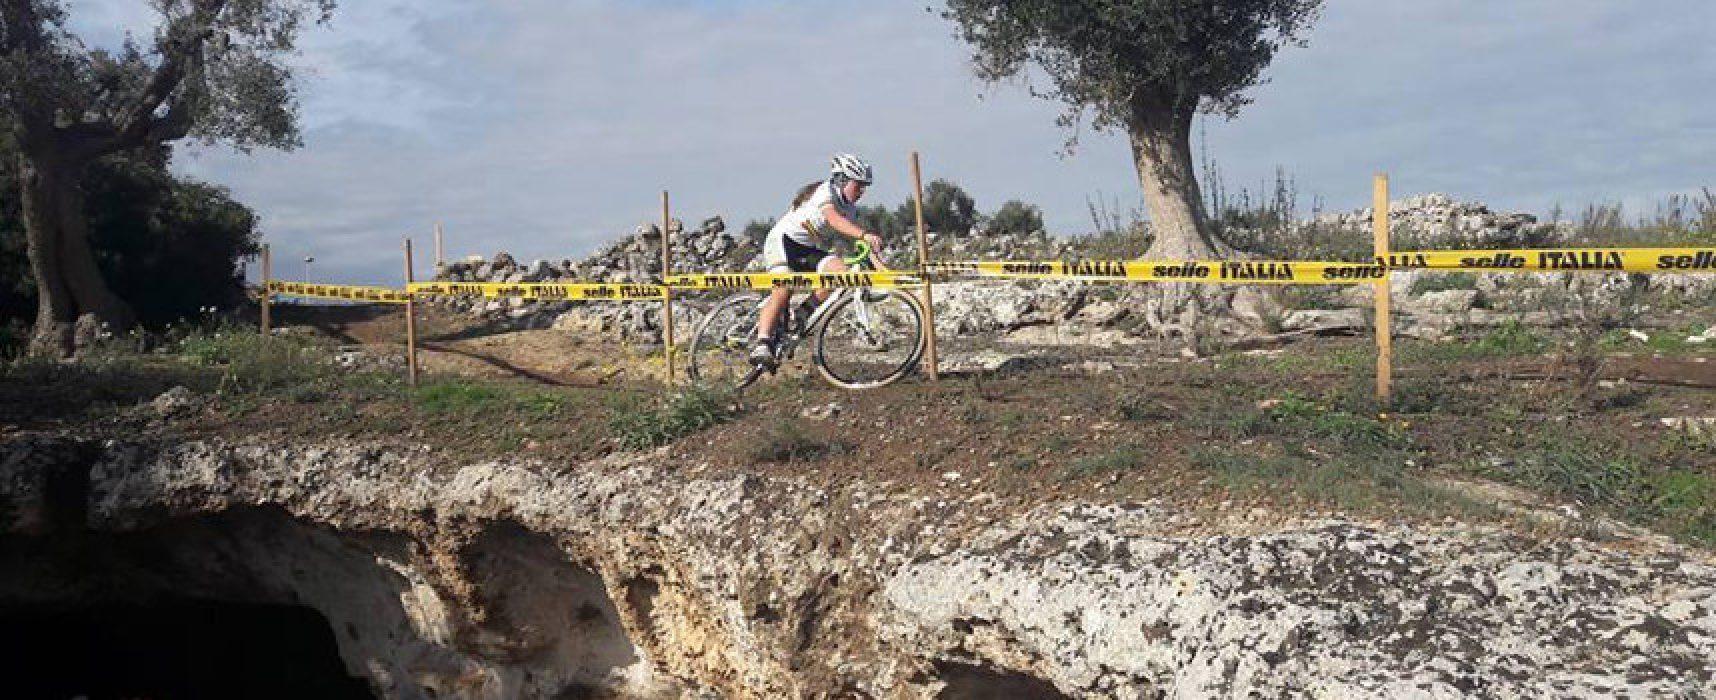 """Ciclismo: Cavallaro protagonista al """"Memorial Vito Carparelli e Livia Gentile"""""""